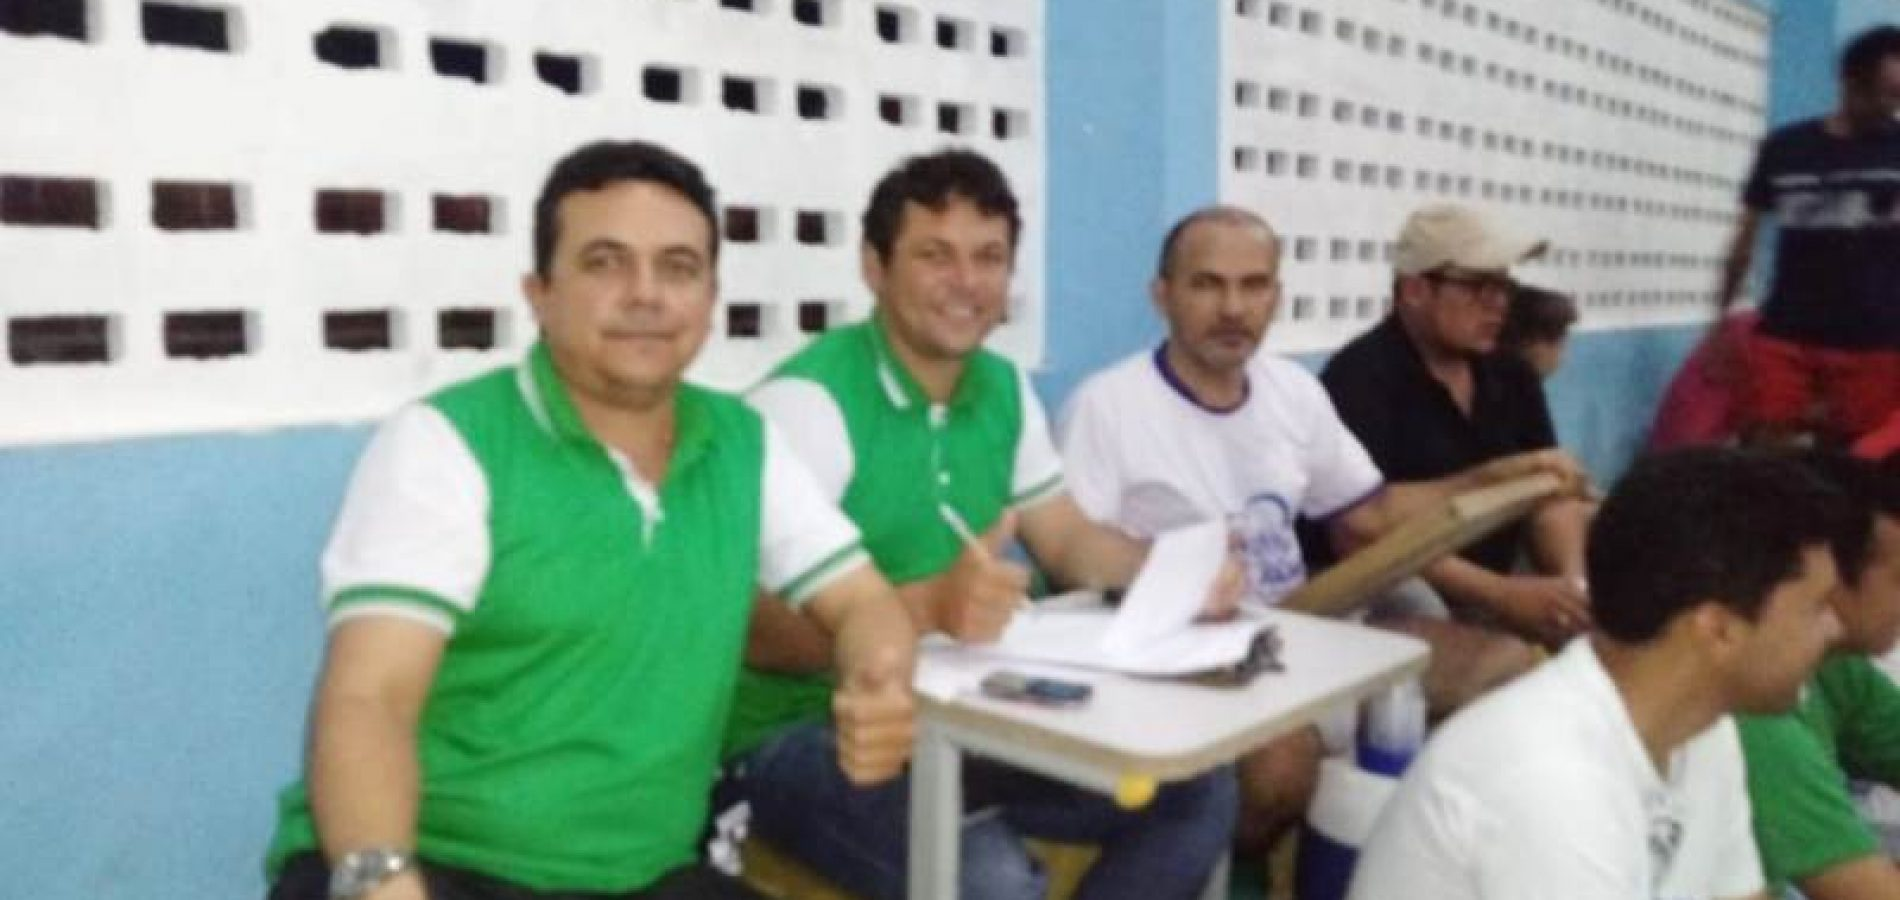 Veja quem são os finalistas do Campeonato Municipal de Futsal Amador 2018 de São Julião